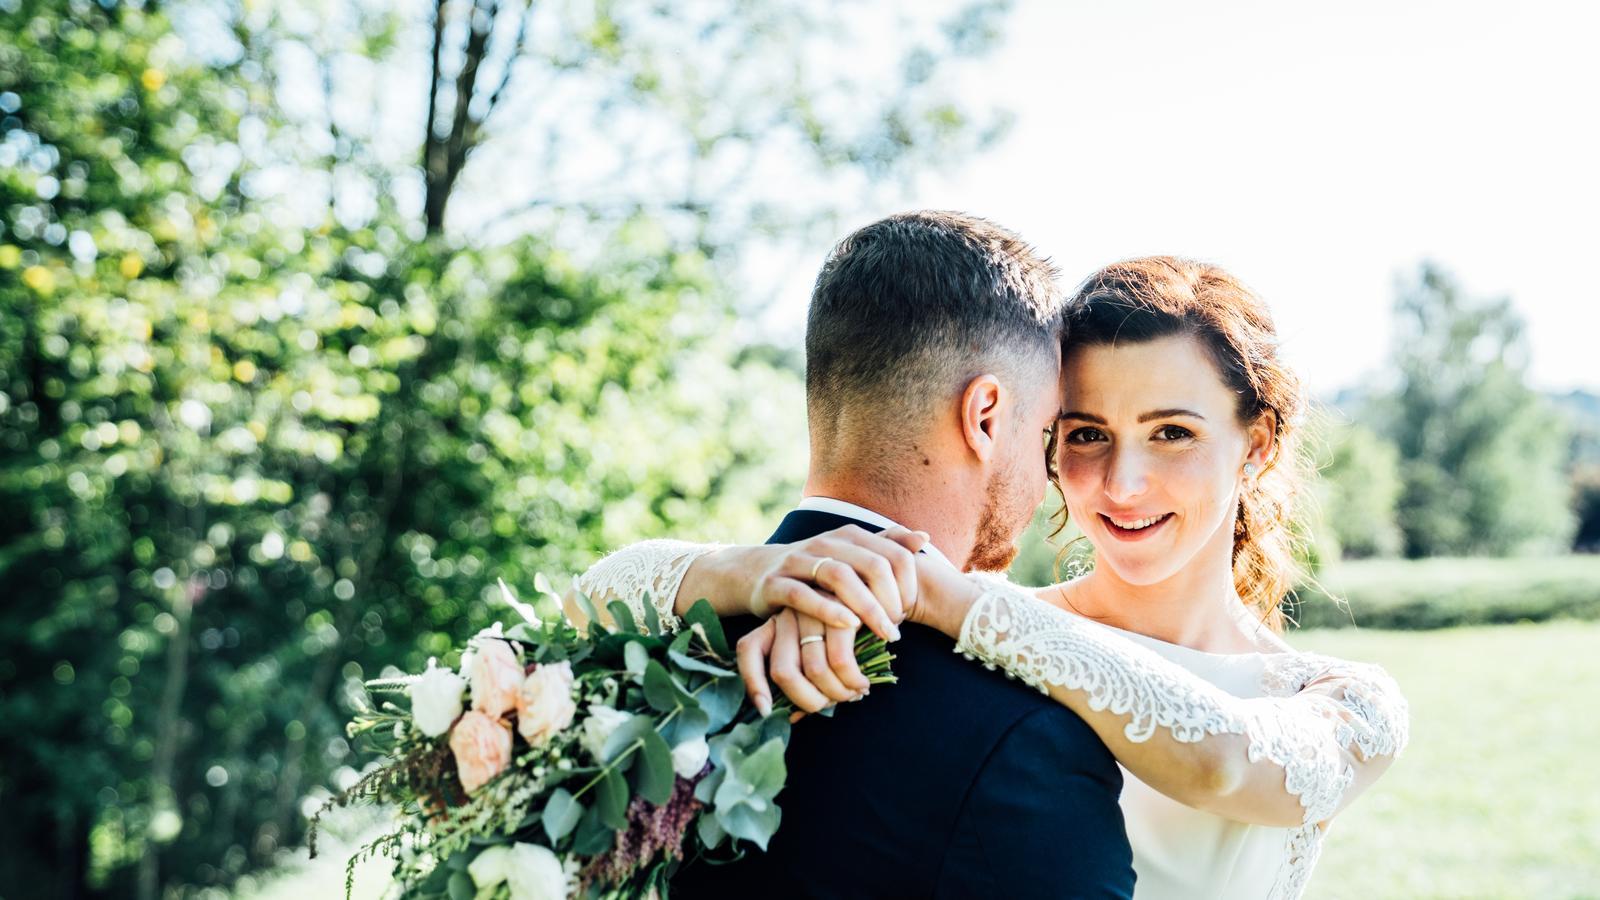 Kateřina & Tomáš (Podzimní svatba 2019) - Obrázek č. 23